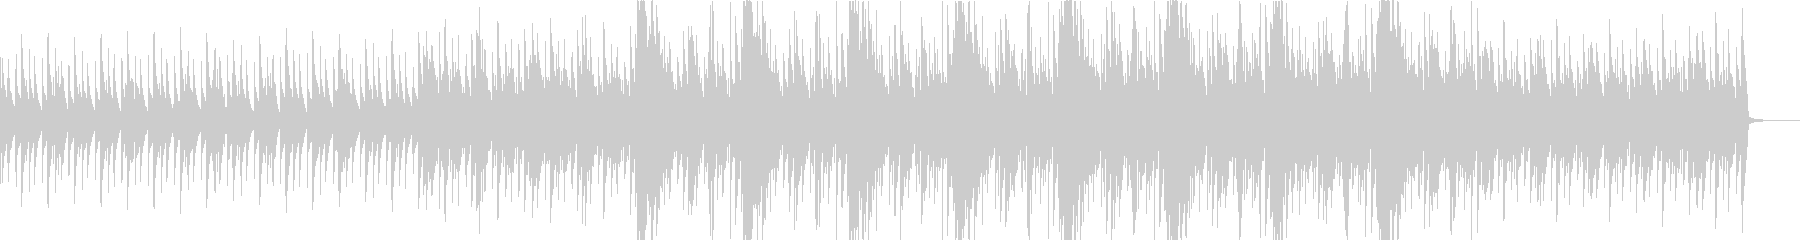 ノイズが印象的/シリアス/ピアノ曲の未再生の波形